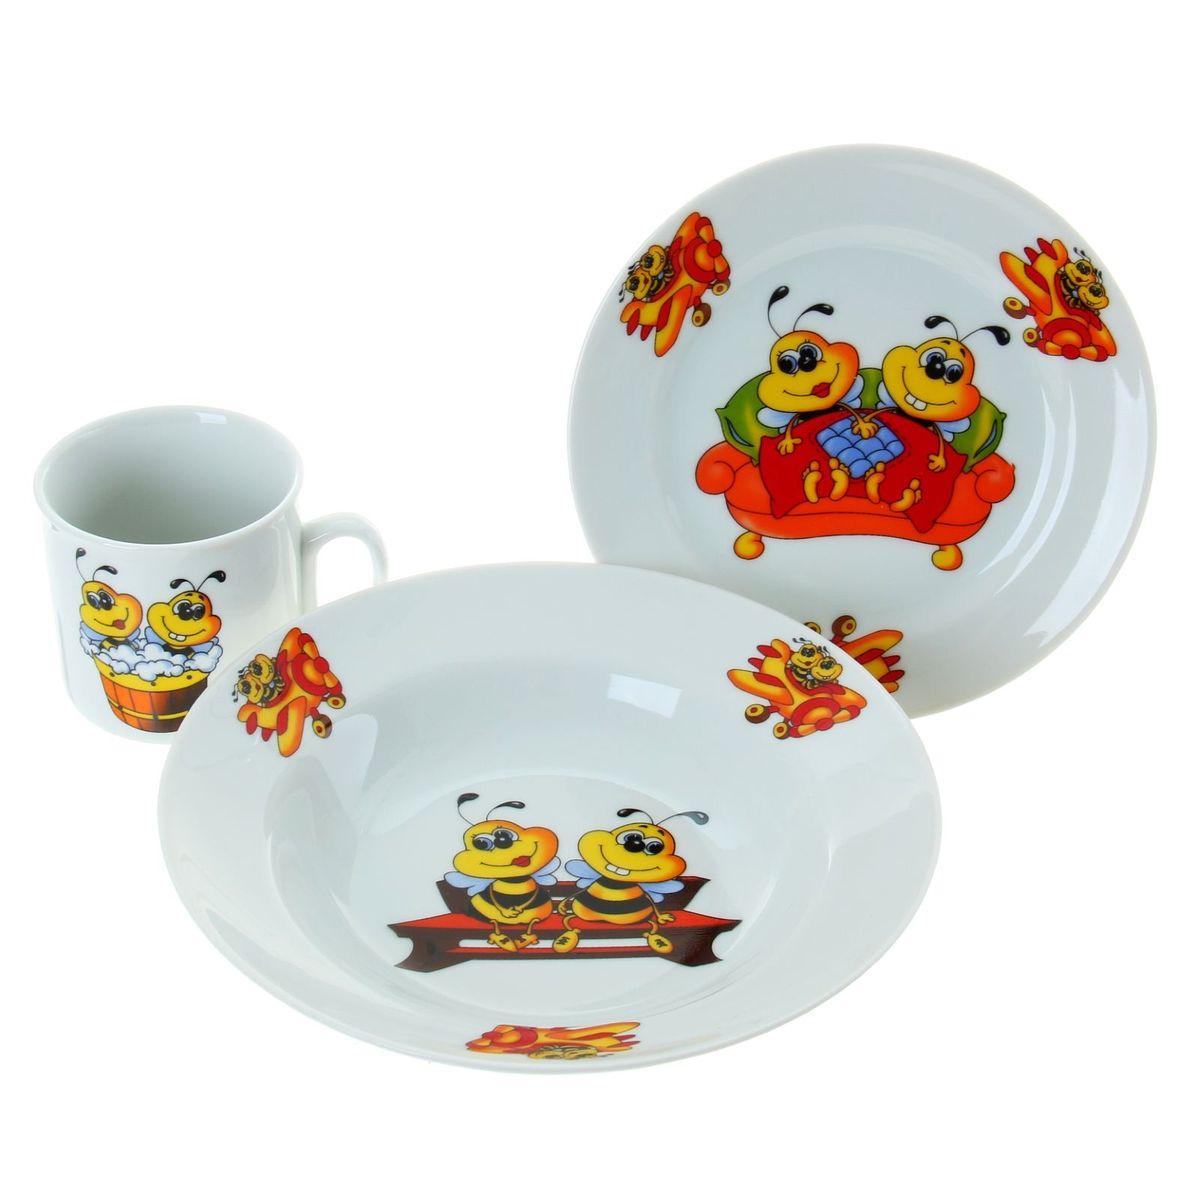 Набор посуды Идиллия. Пчелы, 3 предмета. 653653кружка 200 мл, 1 шт.; десертная тарелка 170 мм, 1 шт.; салатник 360 мл, 1 шт.